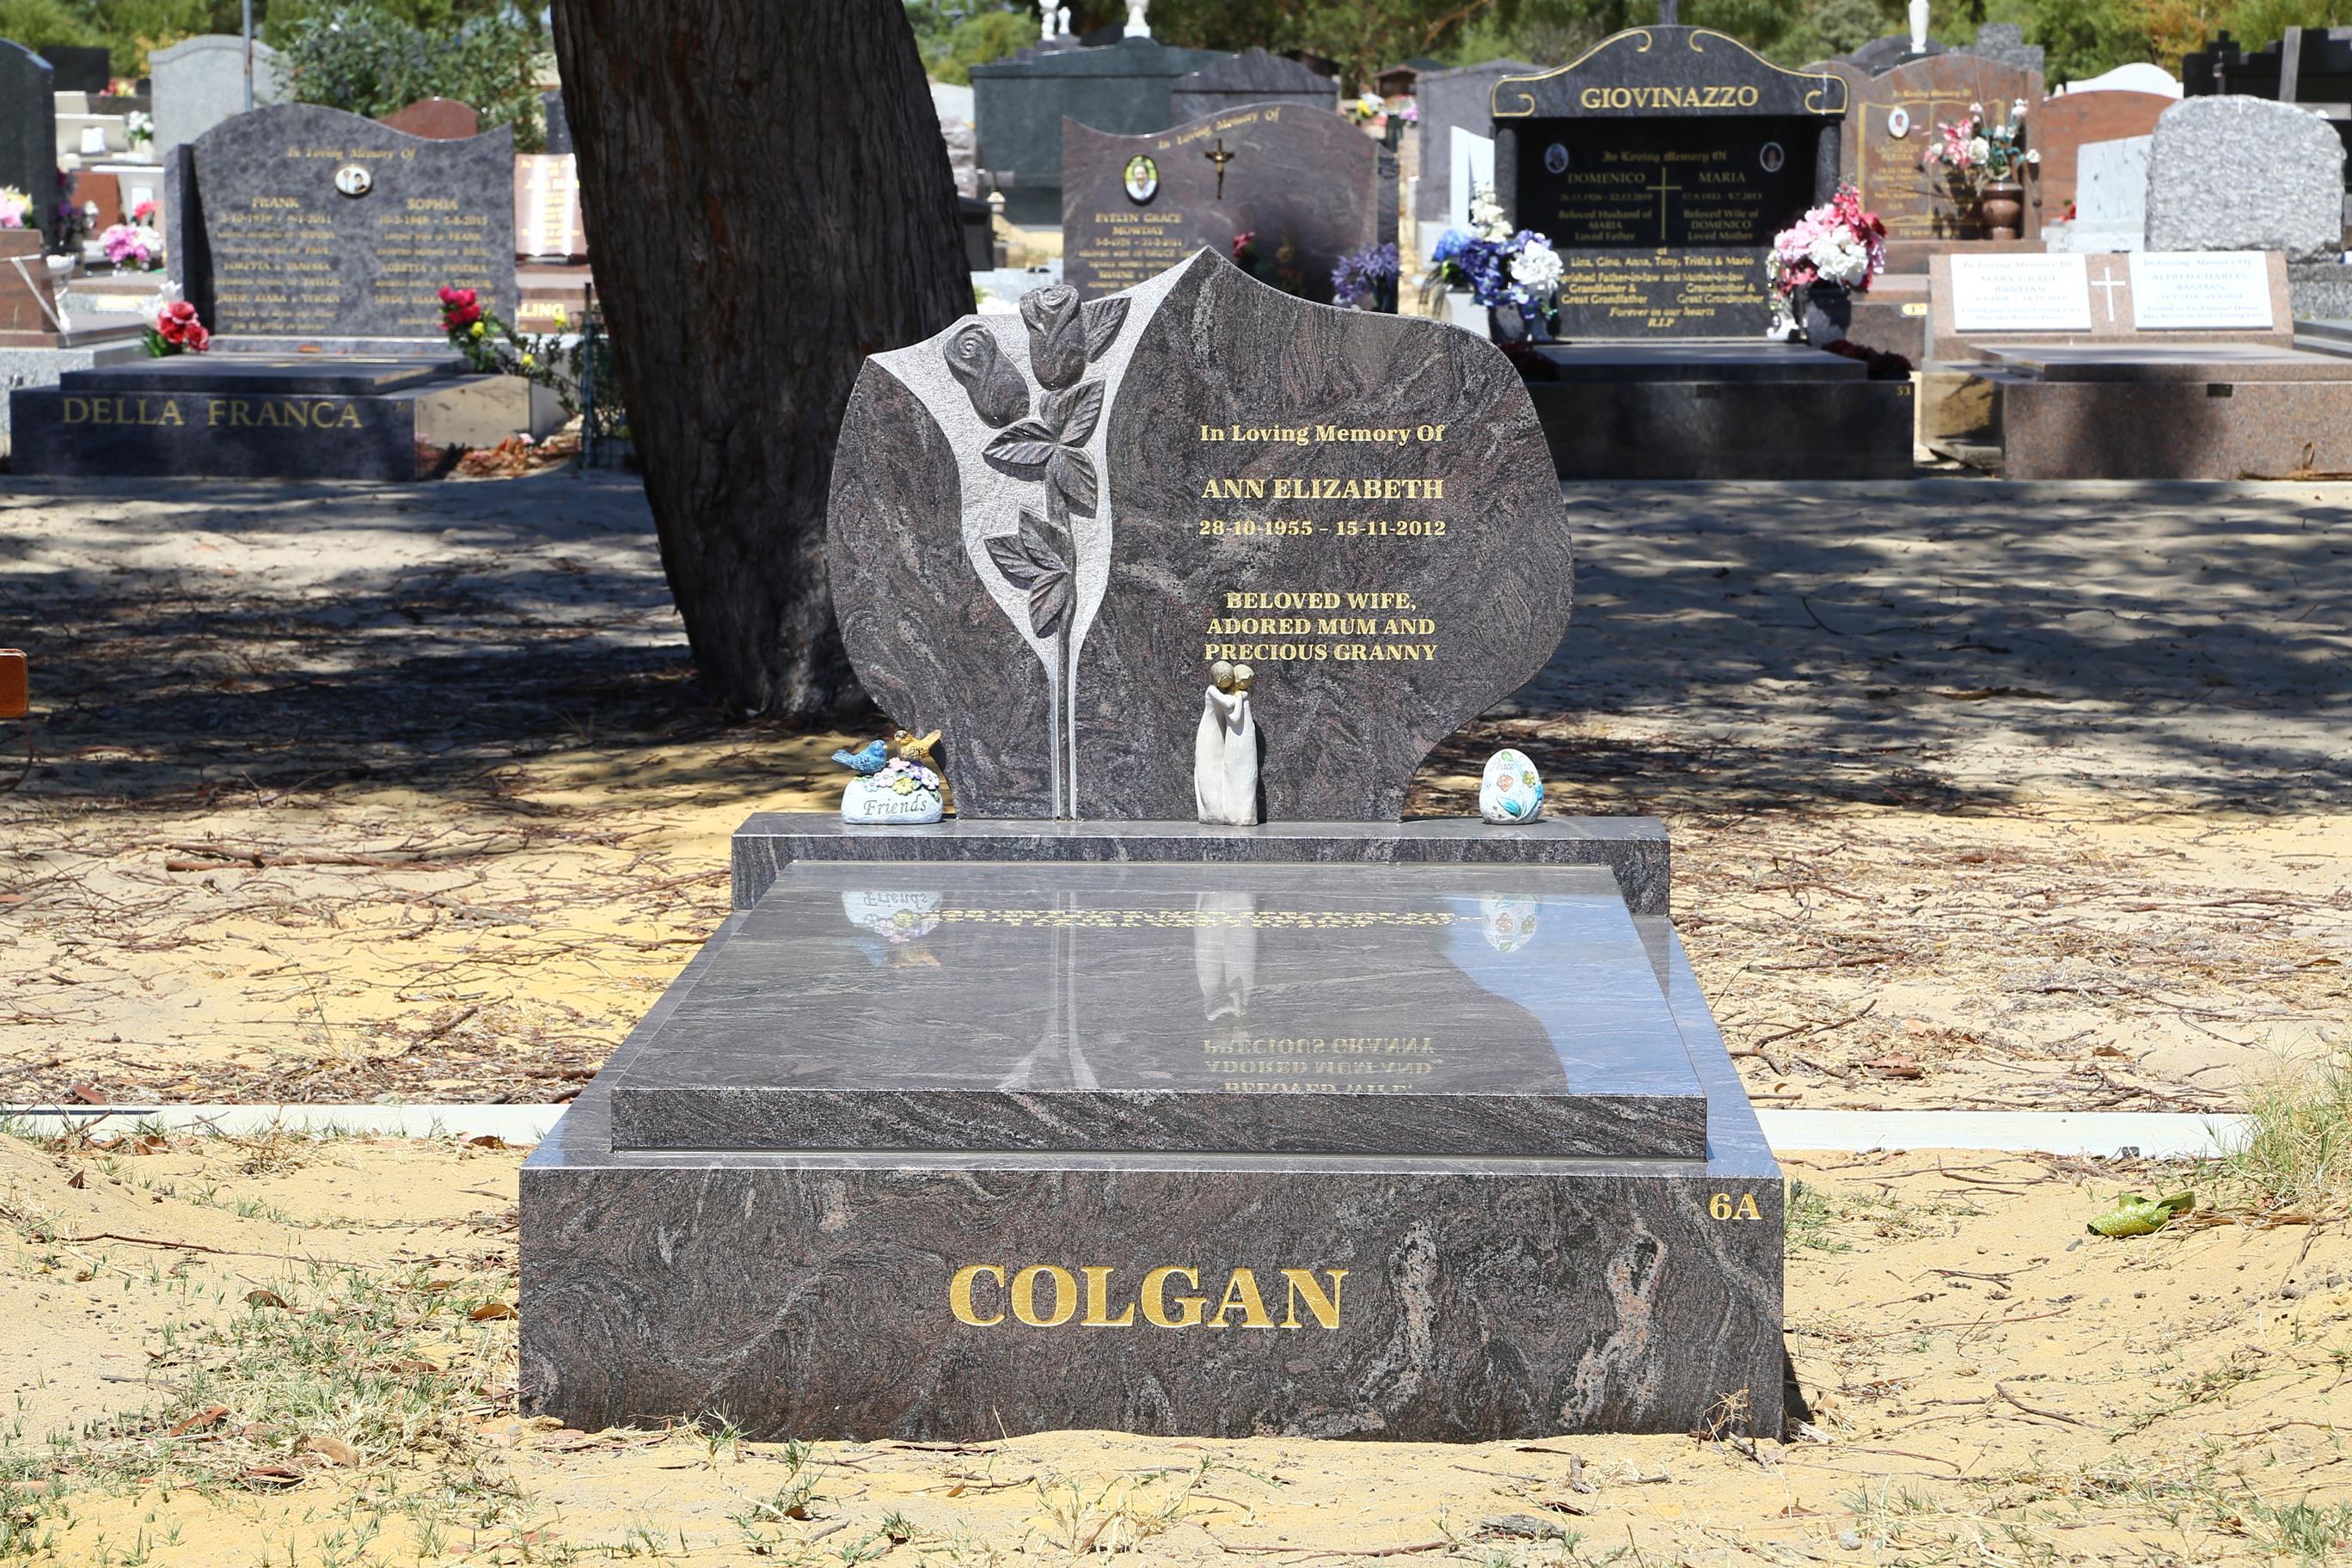 Colgan 1